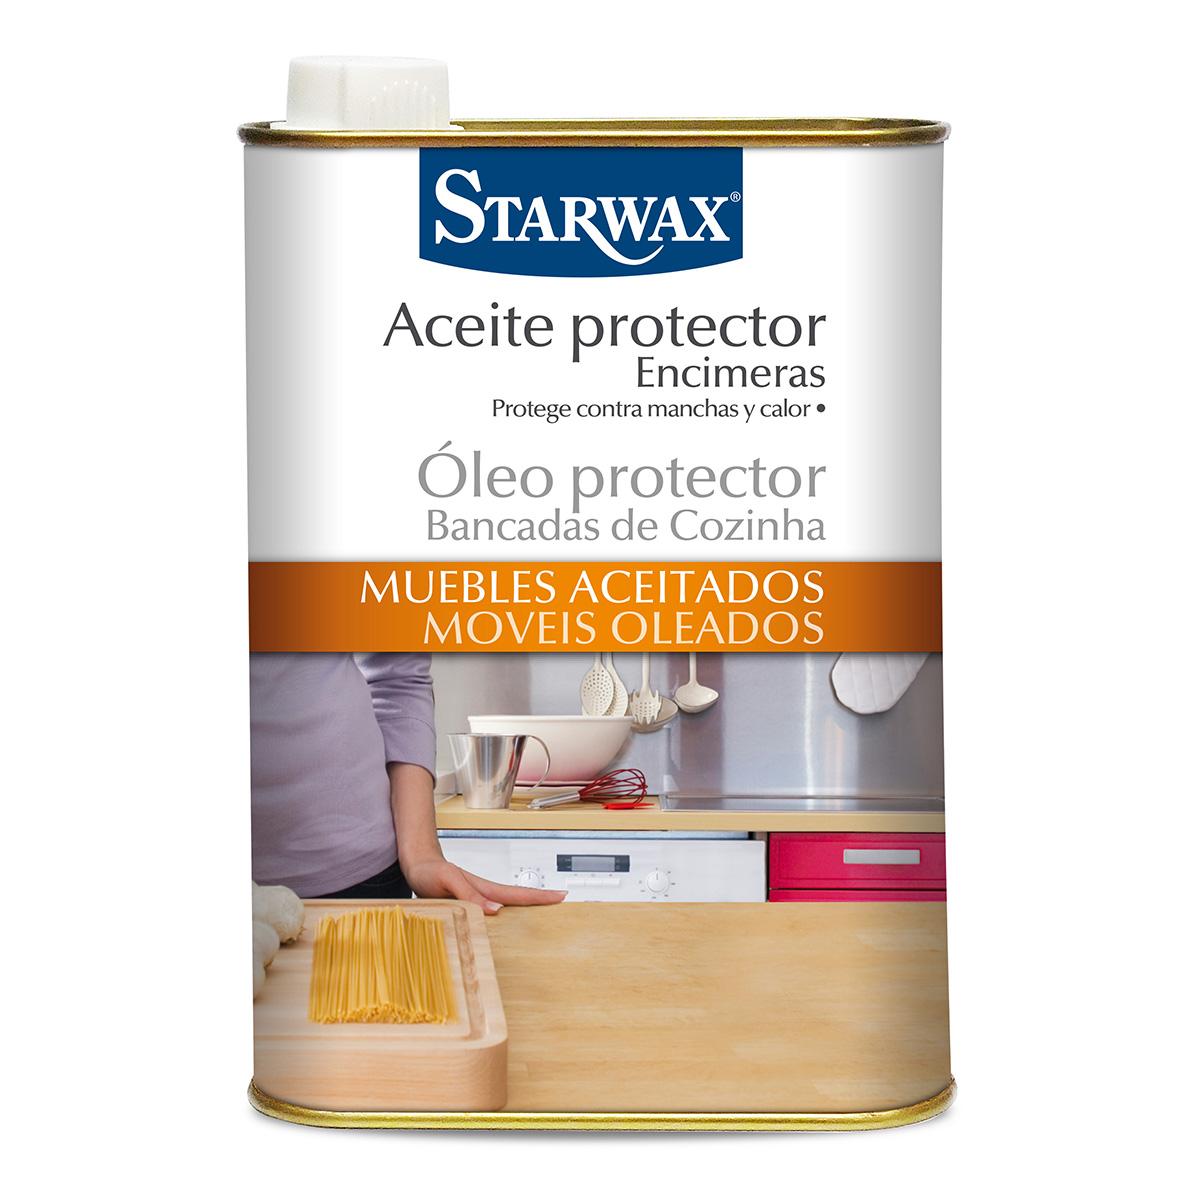 Aceite protector encimeras - Starwax